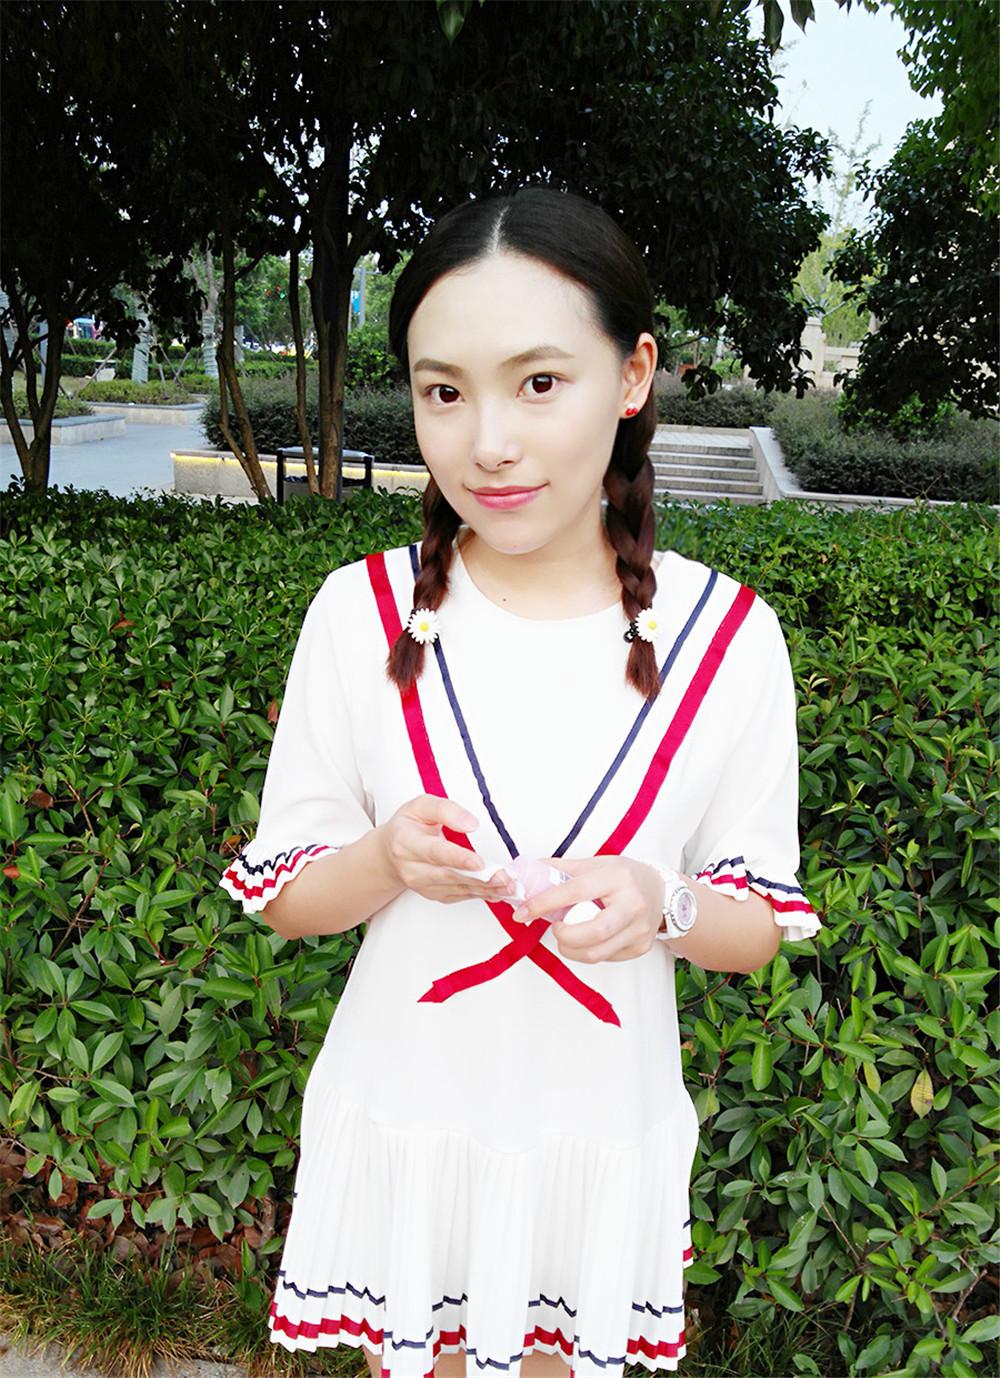 【小琦喵】25+娇韵诗让这个秋季青春赋活!